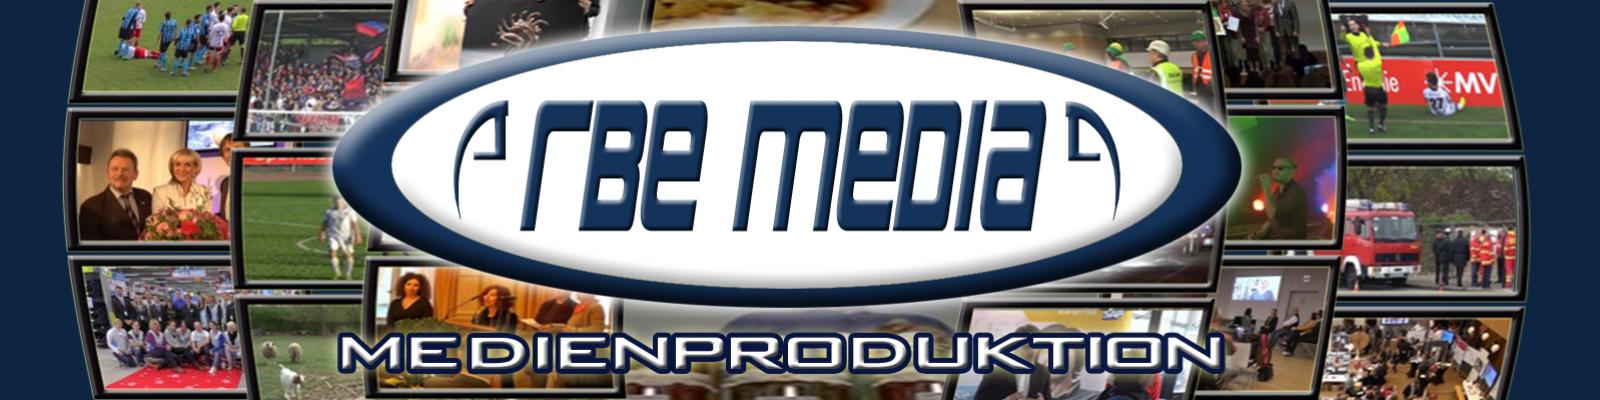 RBE MEDIA - WIr machen Medien.